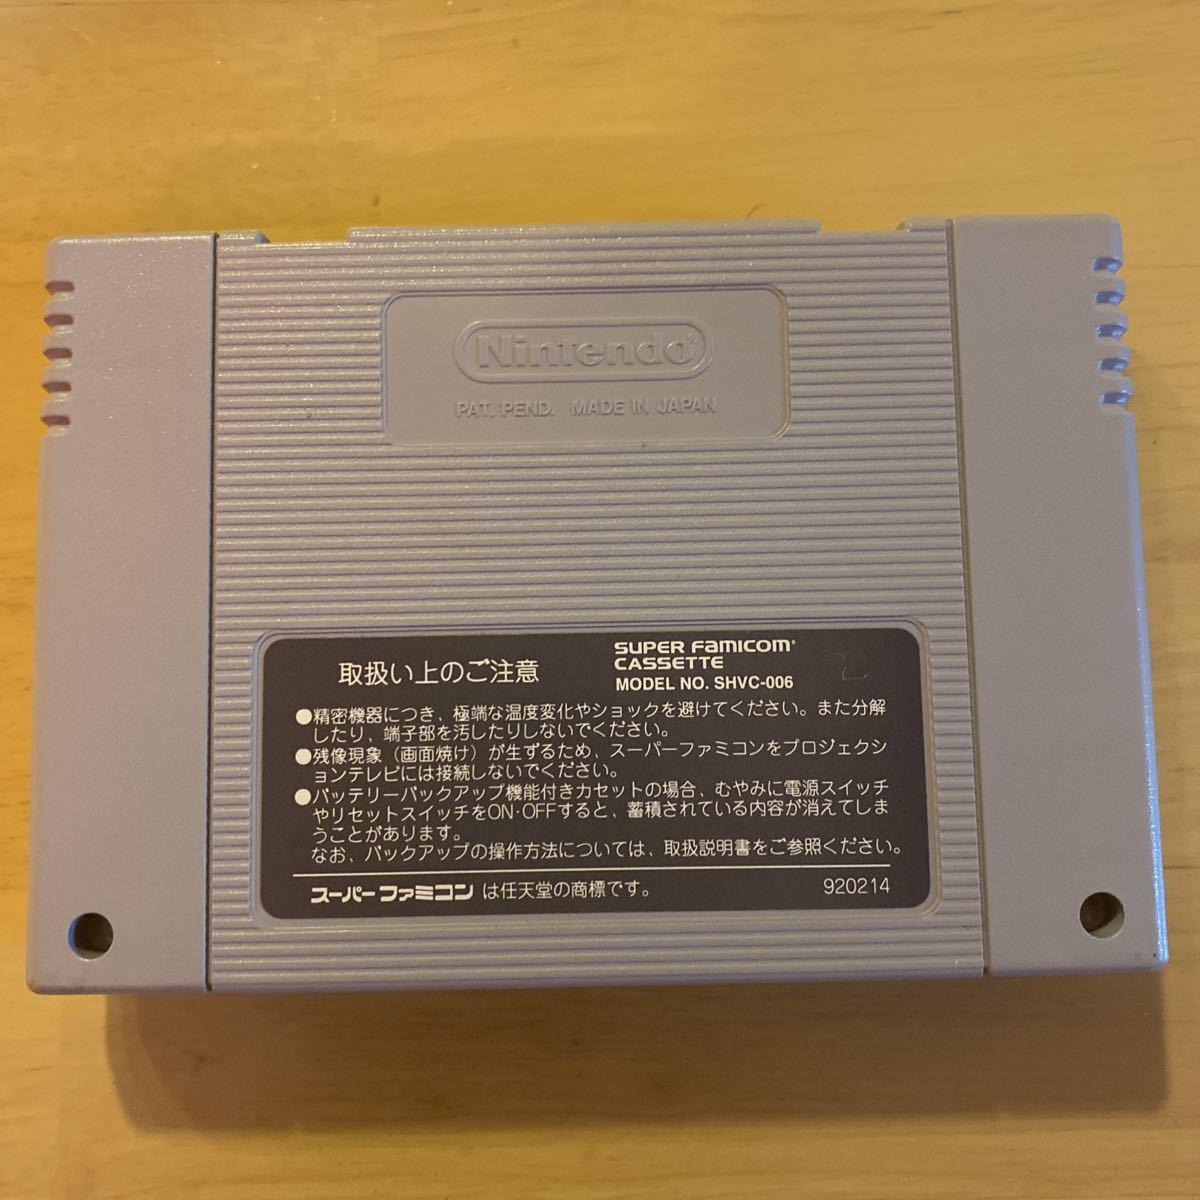 スーパーファミコン ソフト リーディングジョッキー ジャンク品